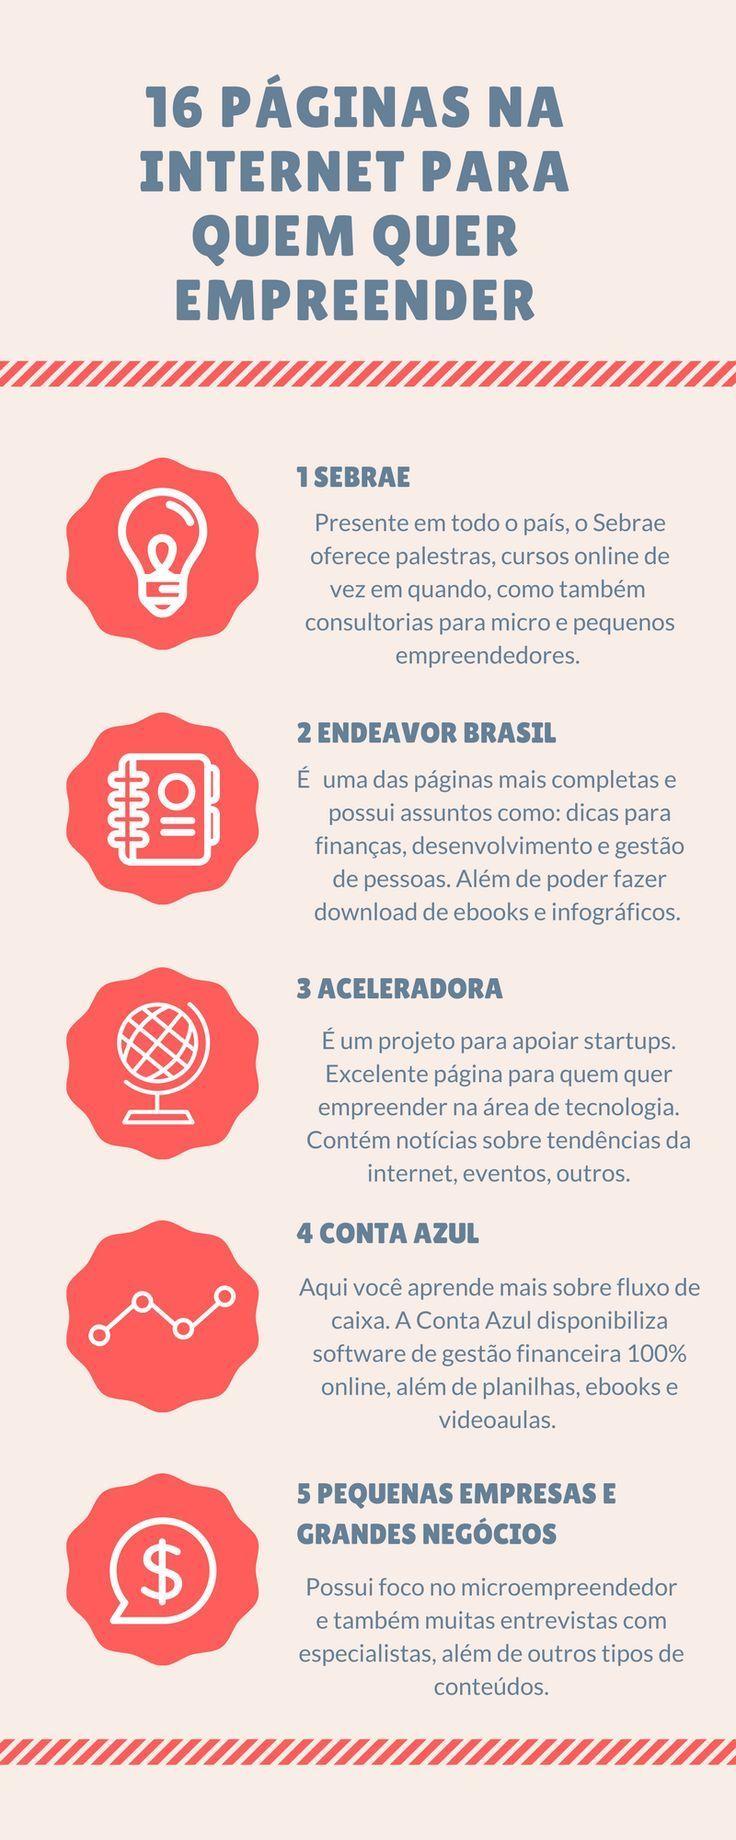 16 Páginas Na Internet Para Quem Quer Empreender [Infográfico]